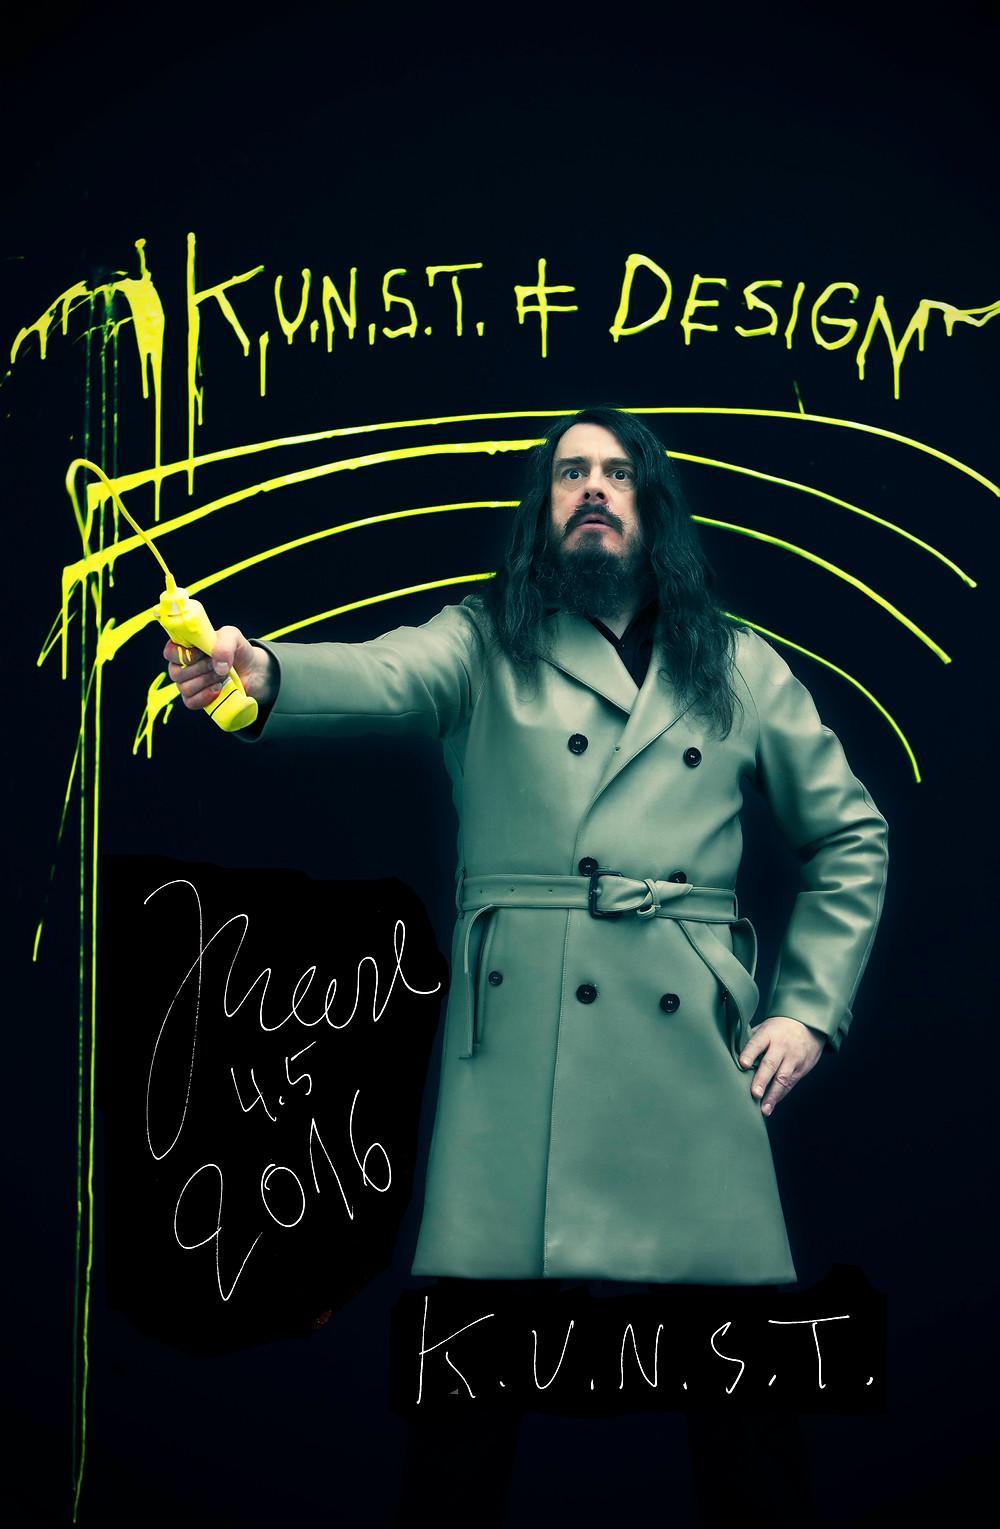 Kunst ≠ Design 2016, 841 x 1189 mm DIN A0